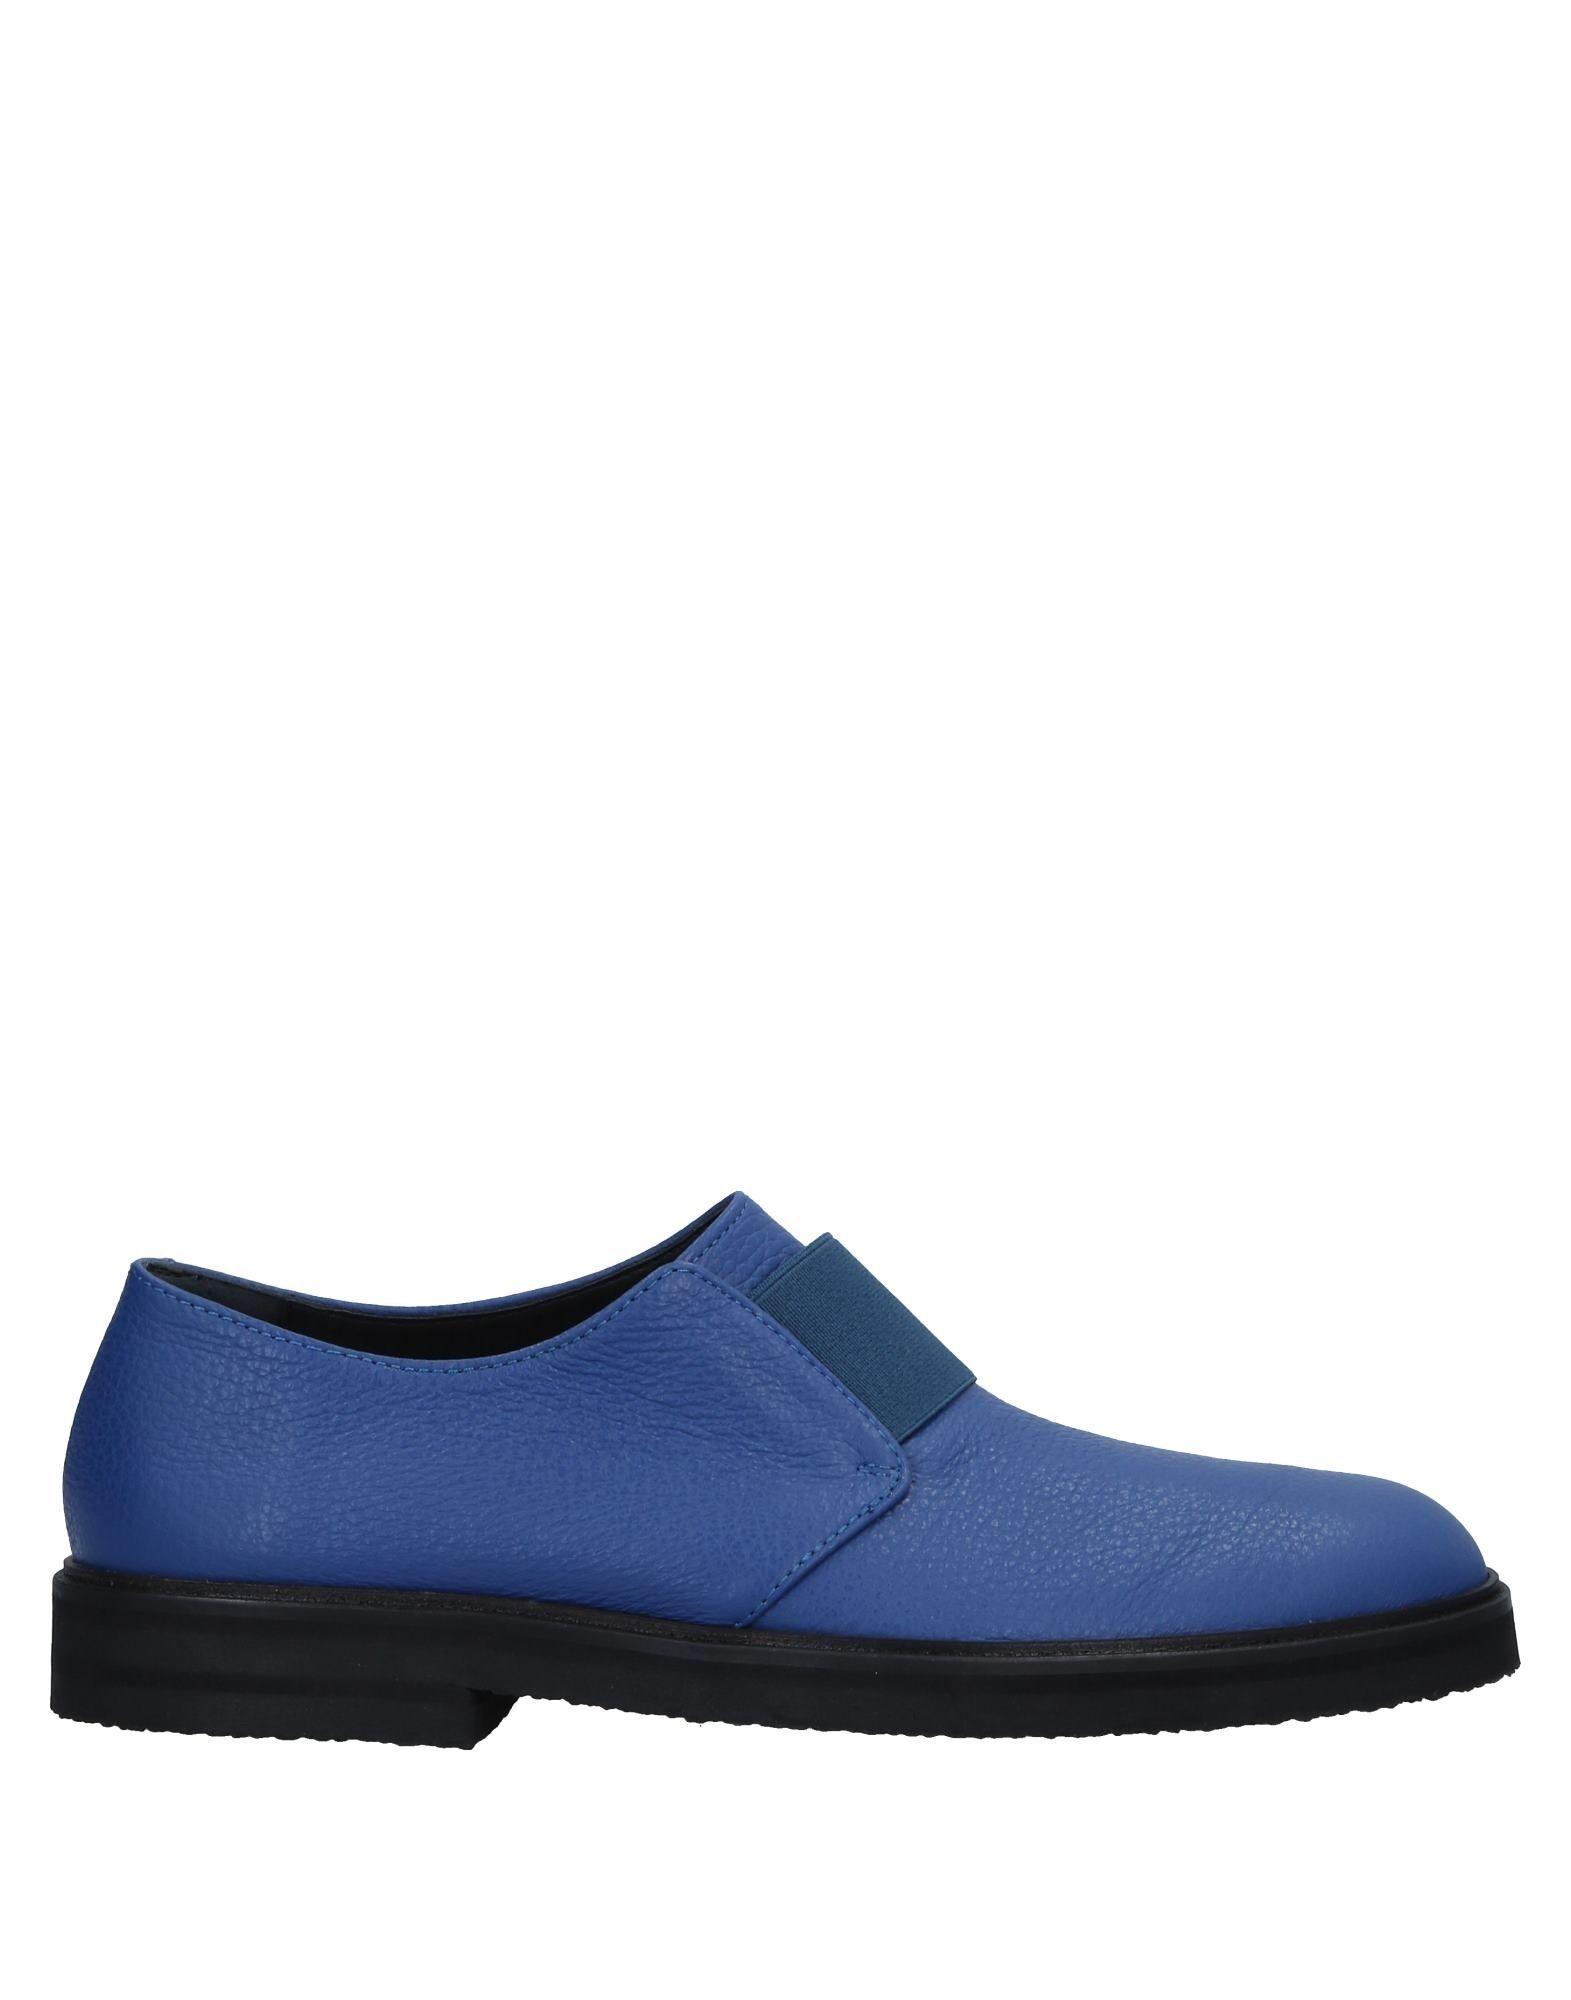 Virreina Mokassins Damen  11521601JA Gute Qualität beliebte Schuhe